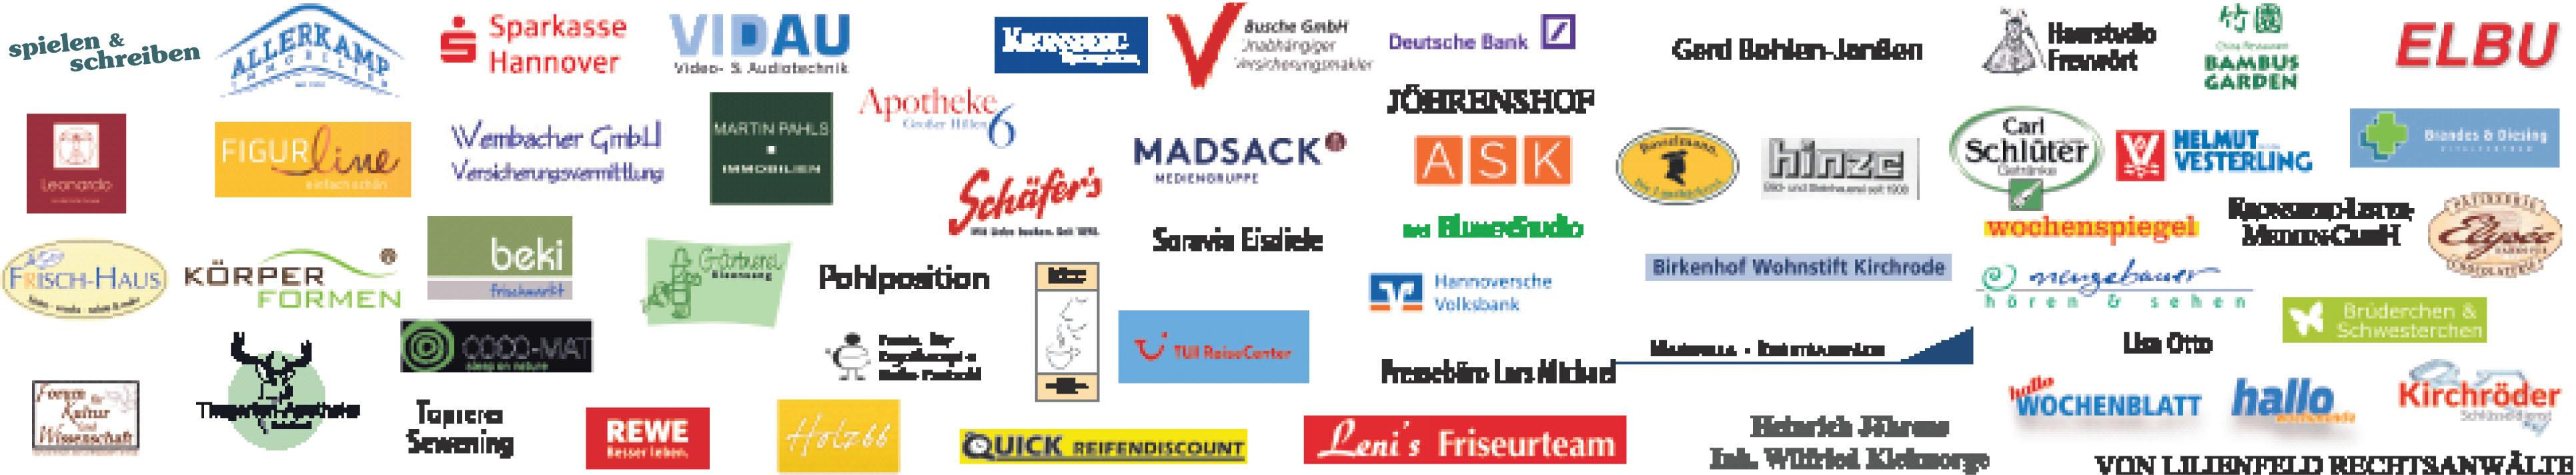 """""""Wir wollen auch 2030 Einzelhandel in Kirchrode haben"""" Image 1"""